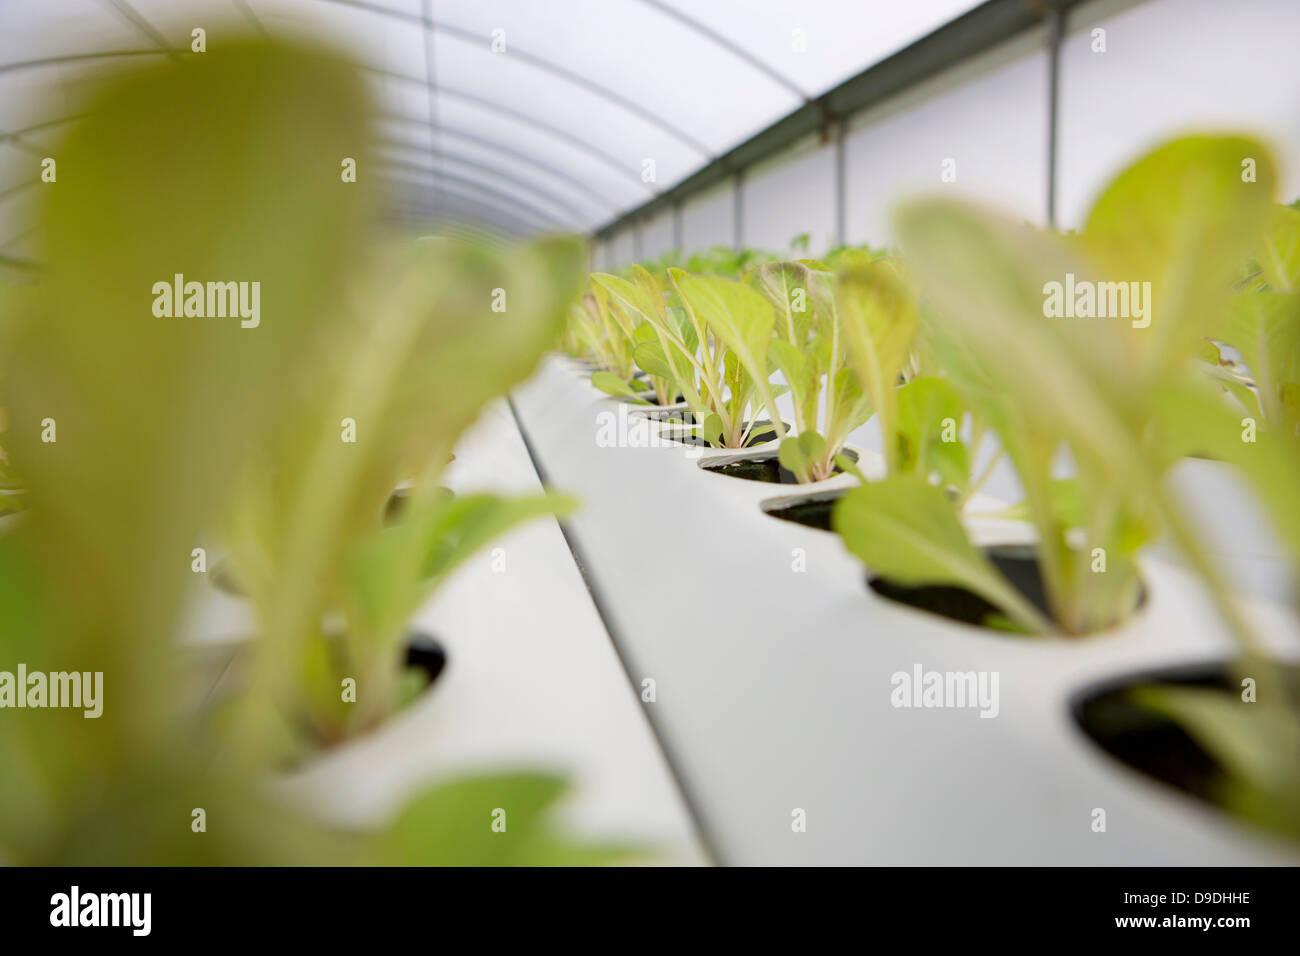 Foglie di lattuga in crescita in vivaio Immagini Stock